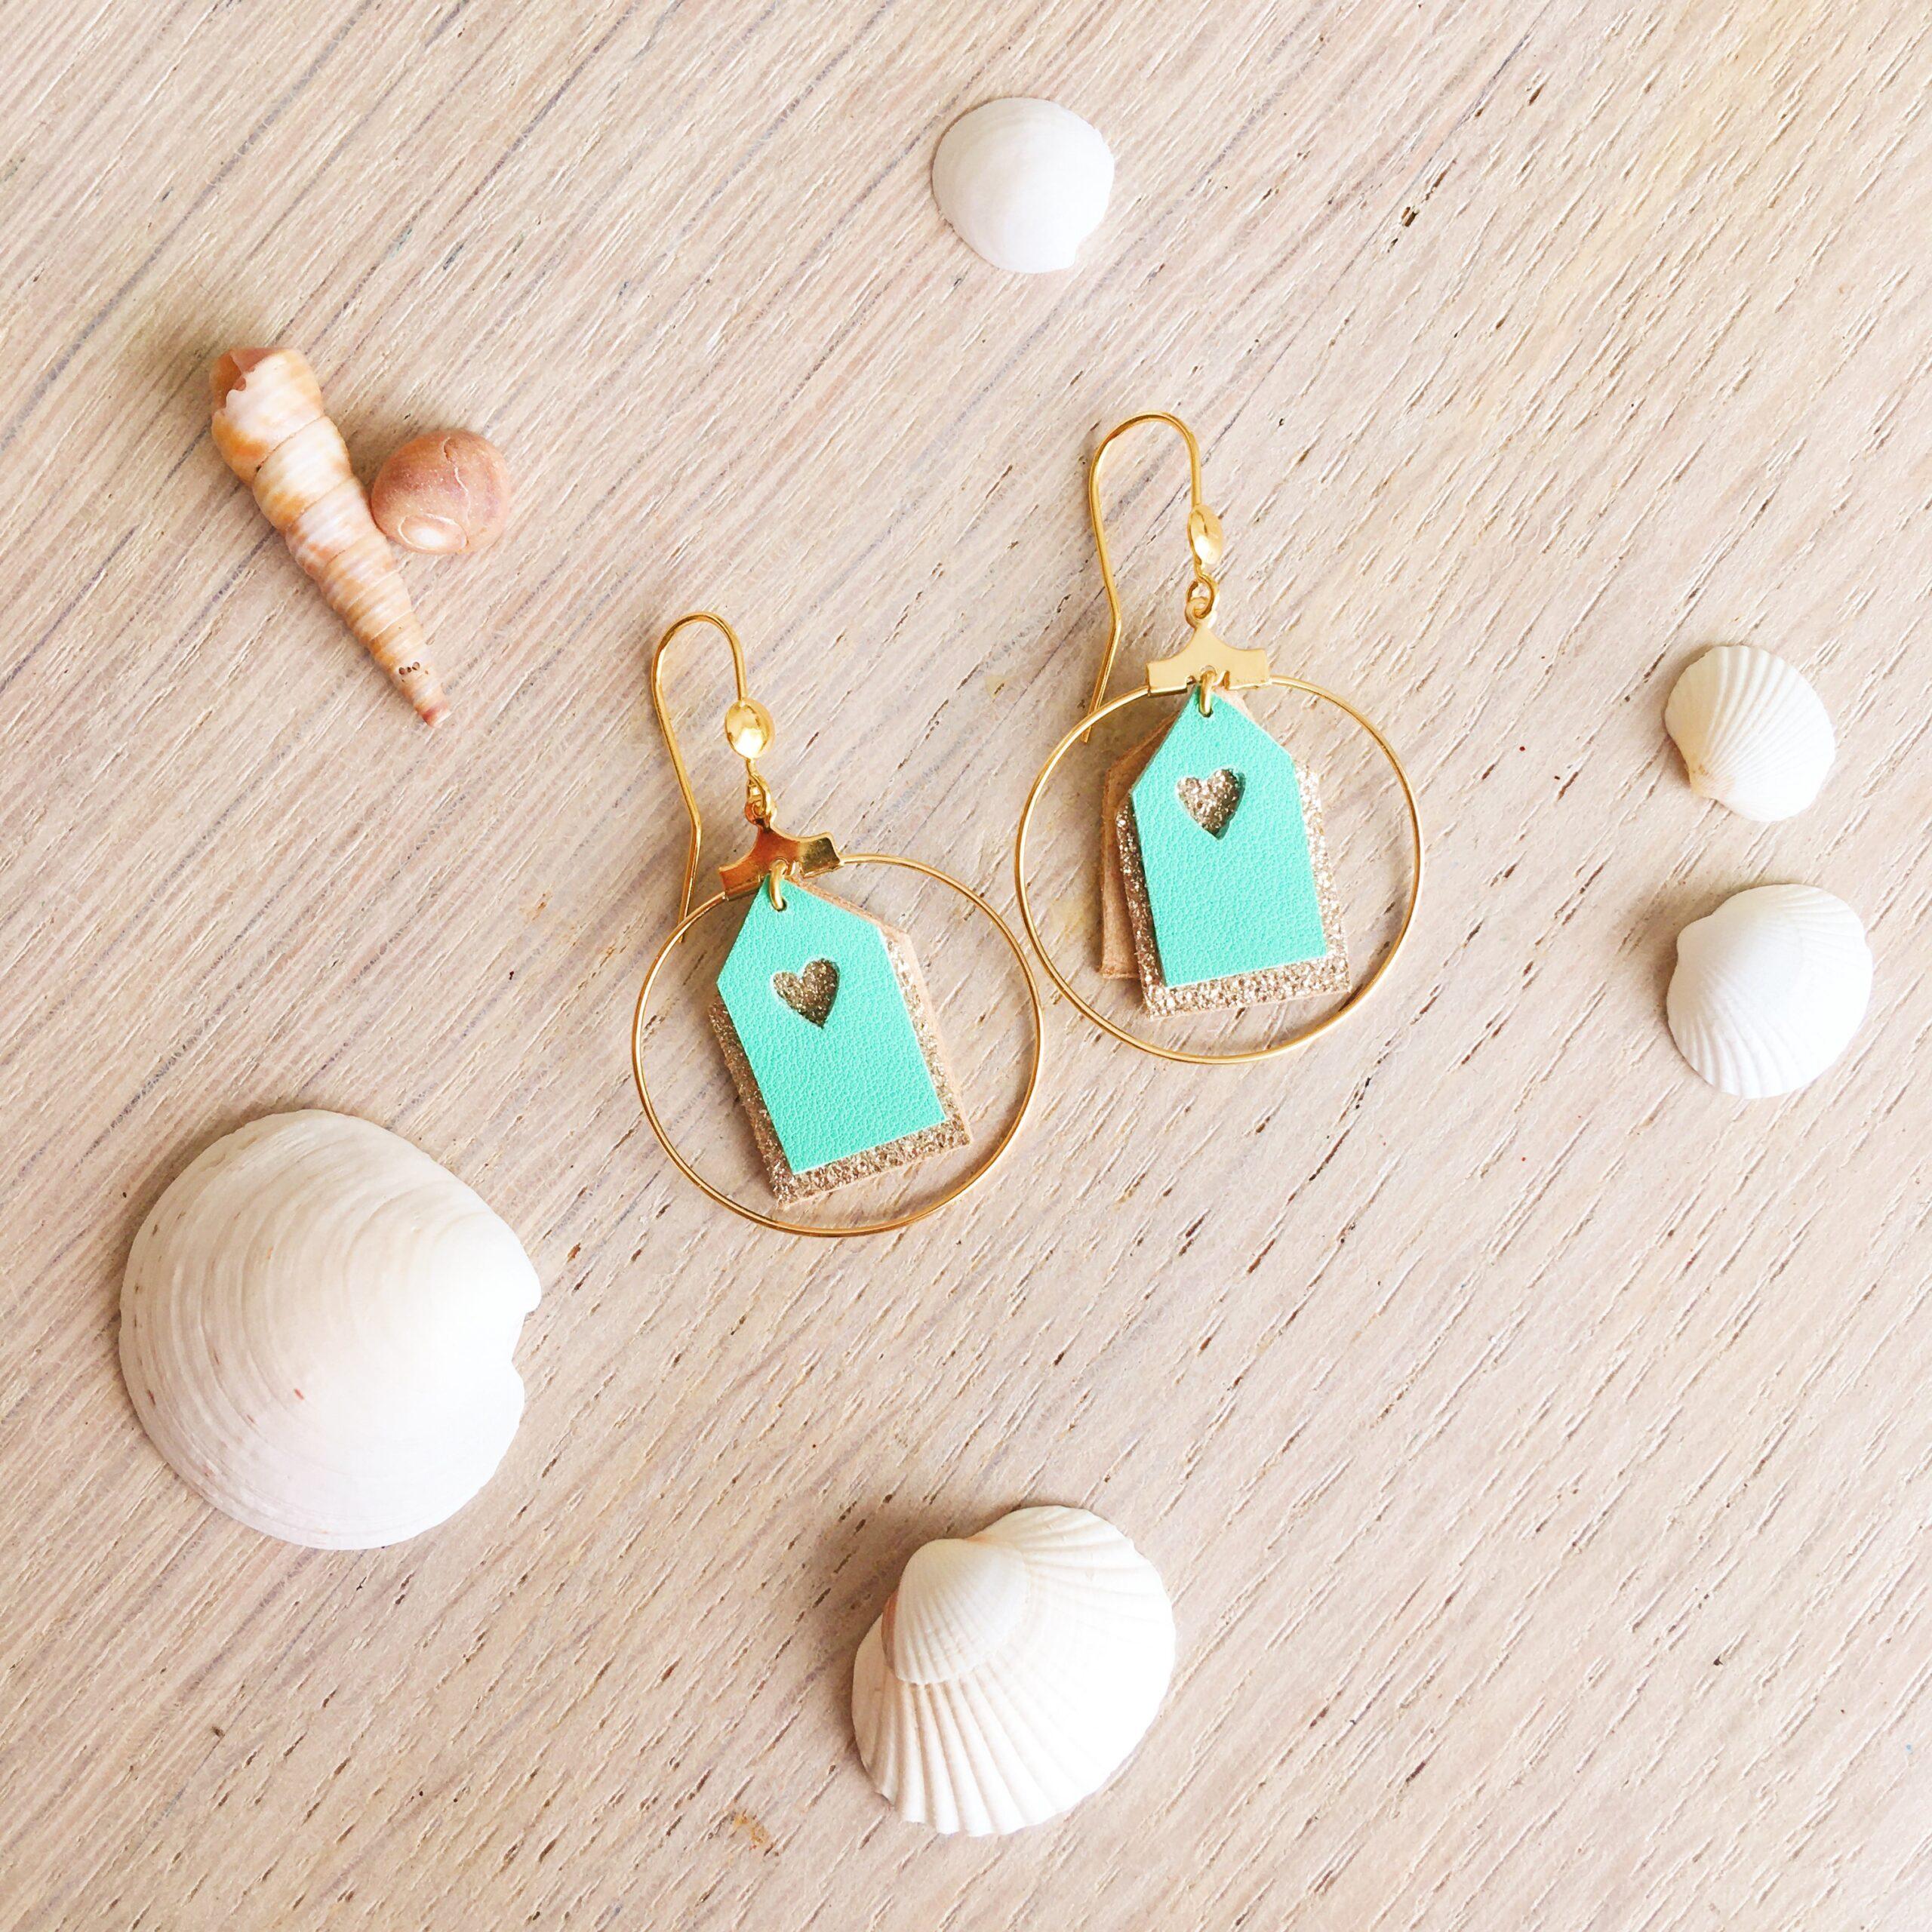 Boucles bijoux d'oreilles les petites maisons de plage en cuir made in France vertes et doré pailleté - du vent dans mes valises